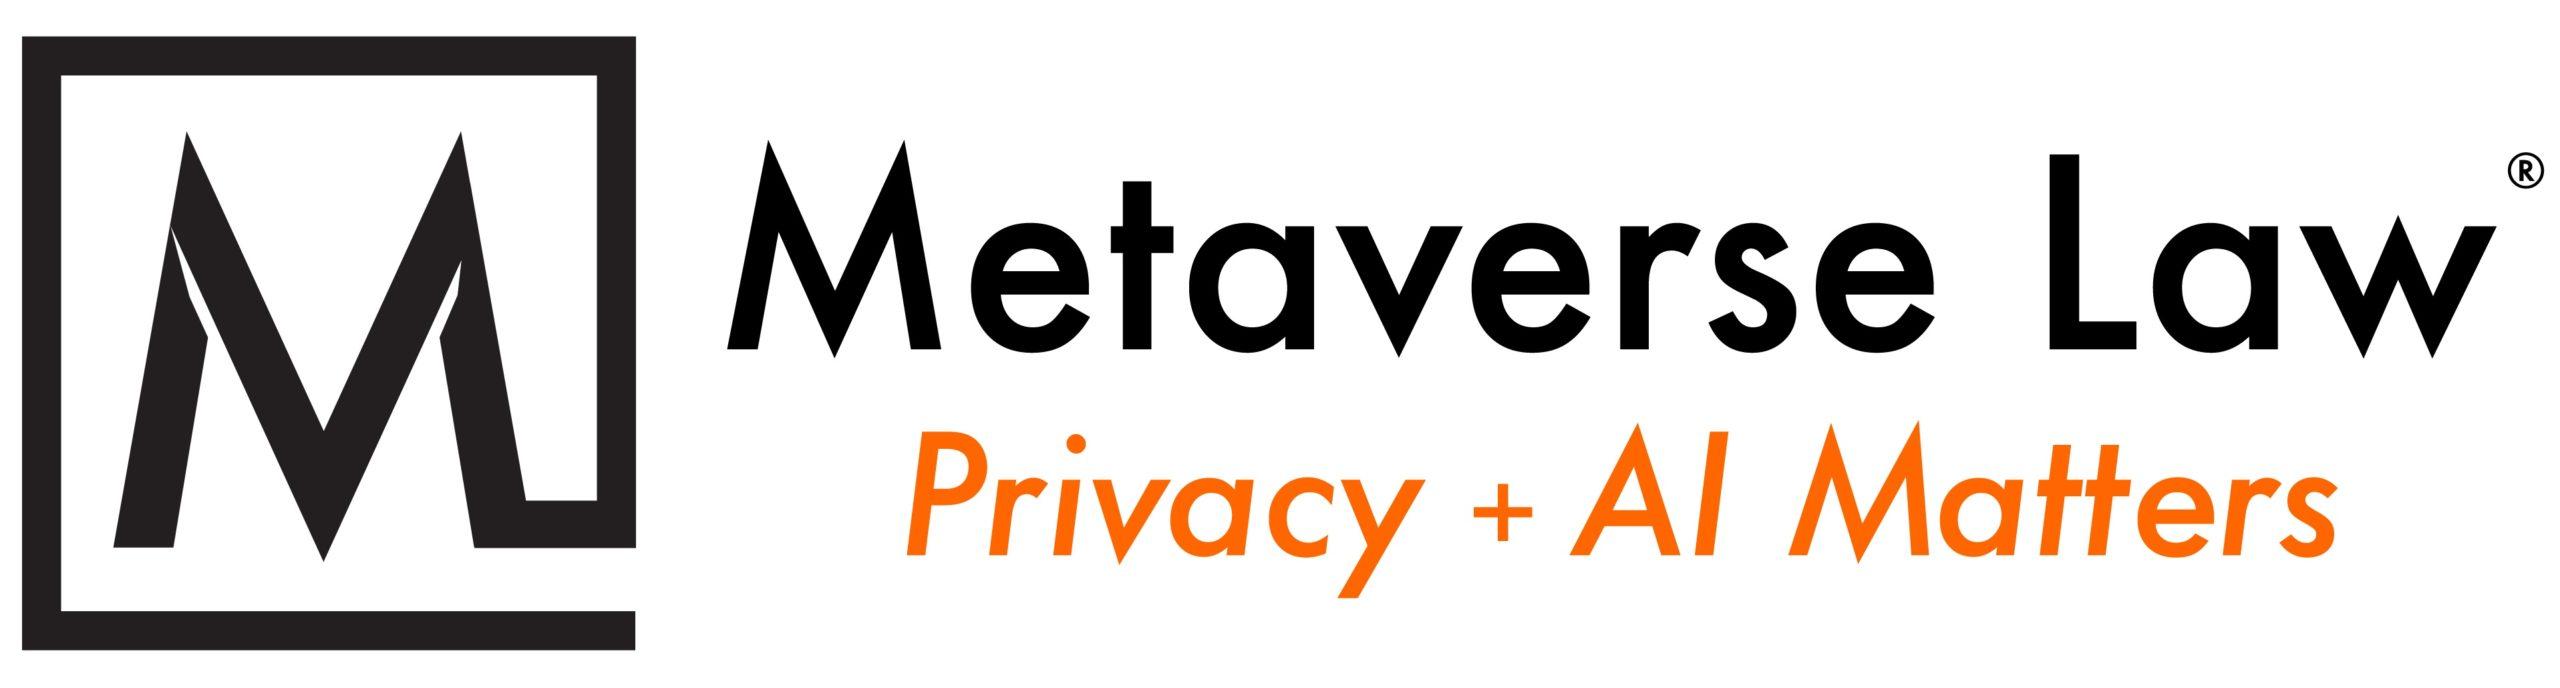 Metaverse Law